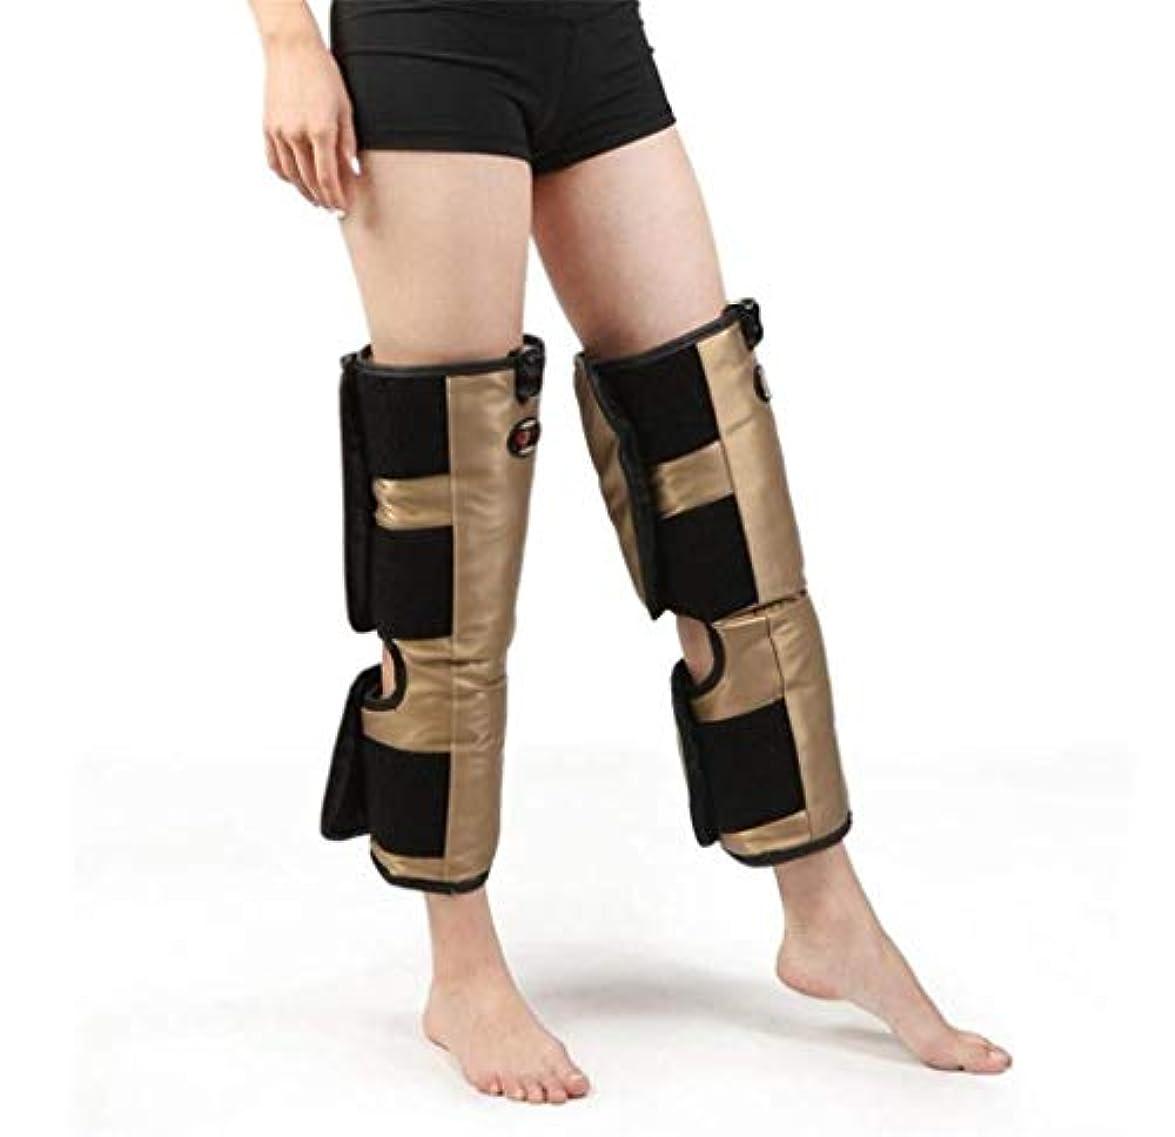 コール好ましい波脚マッサージャー、電気膝ブレース、oxiホット圧縮振動マッサージ療法、多機能電気加熱膝理学療法機器